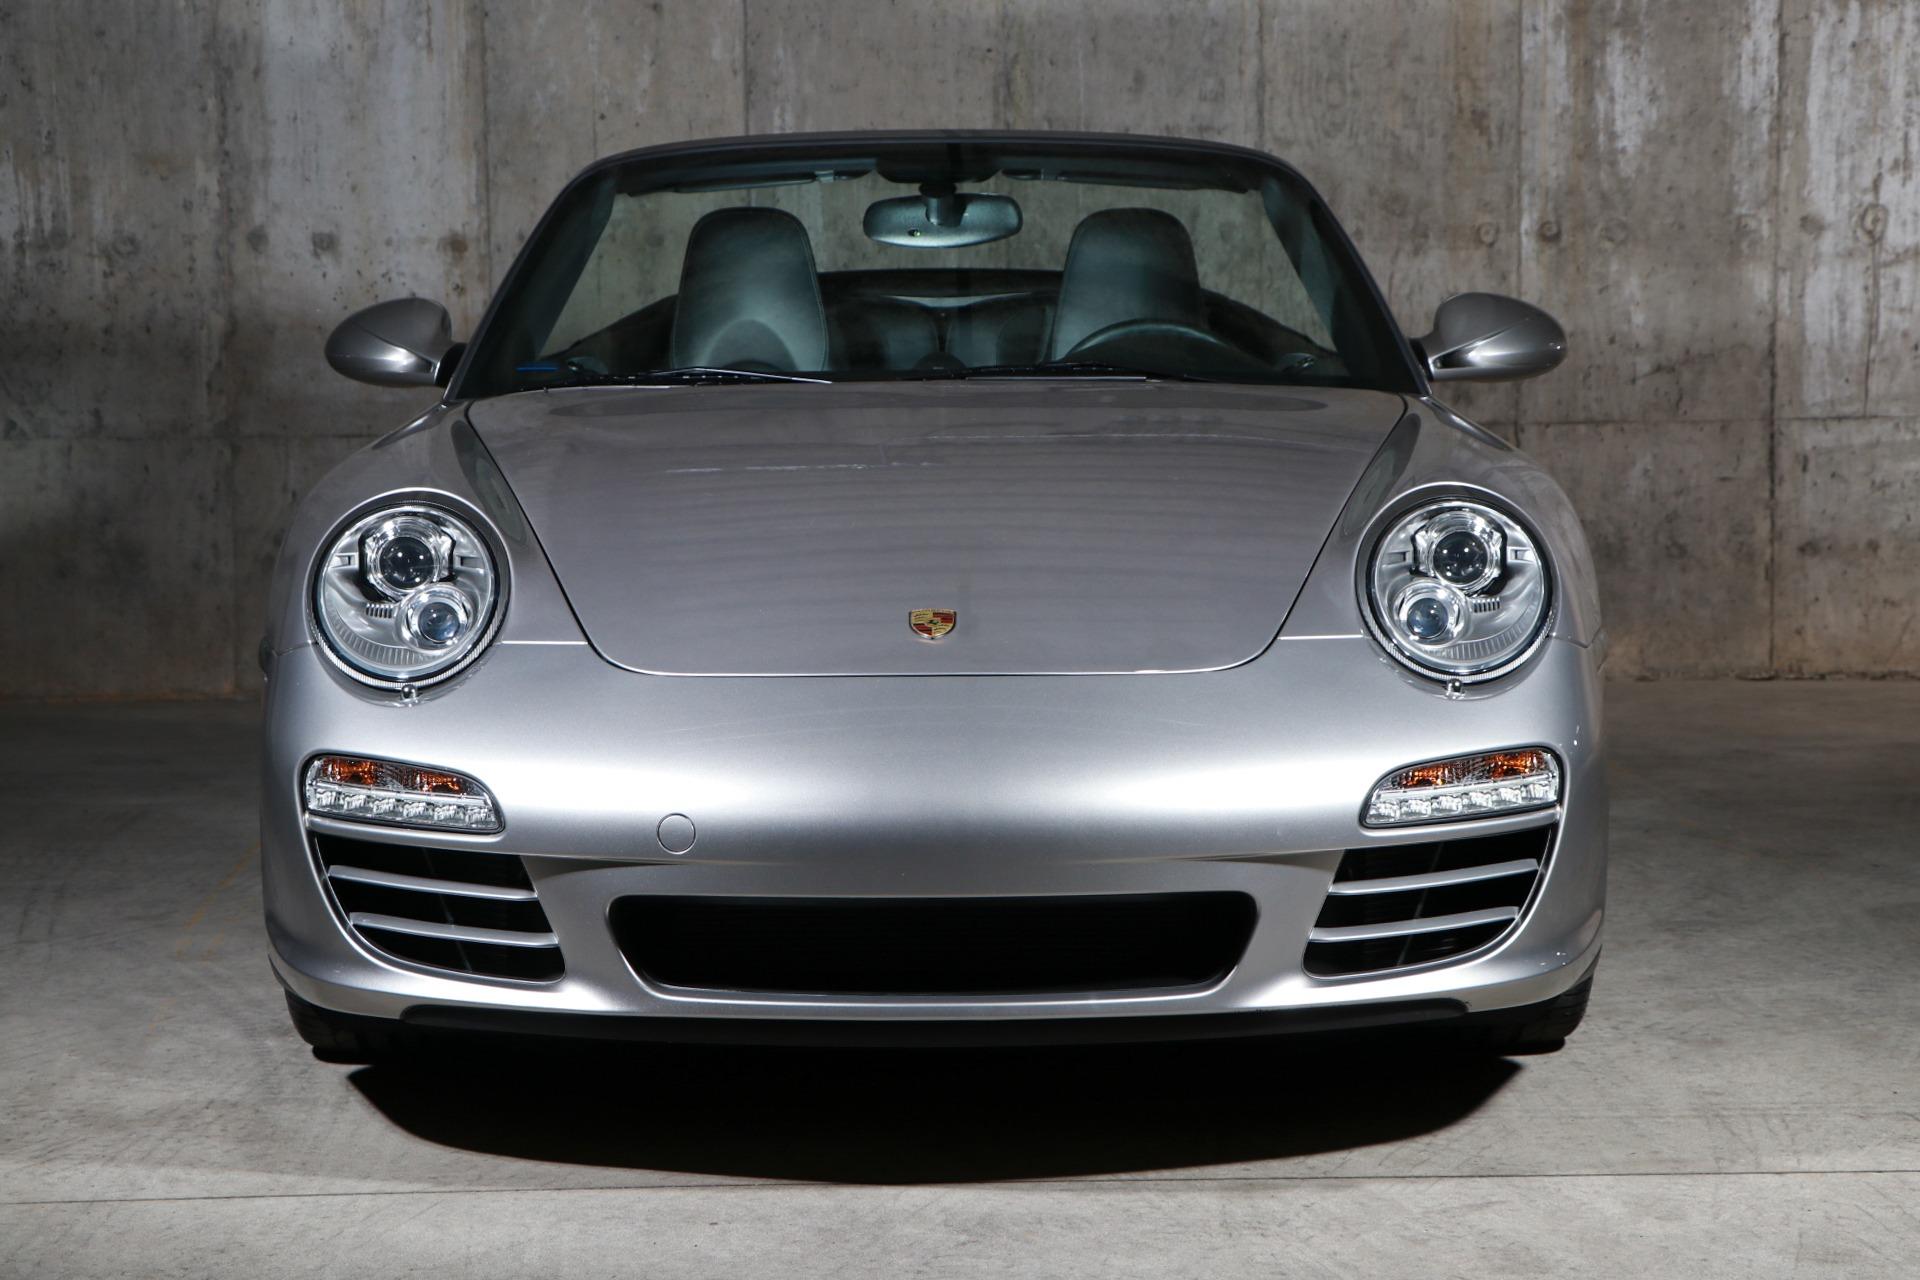 Used 2012 Porsche 911 Carrera 4S   Glen Cove, NY